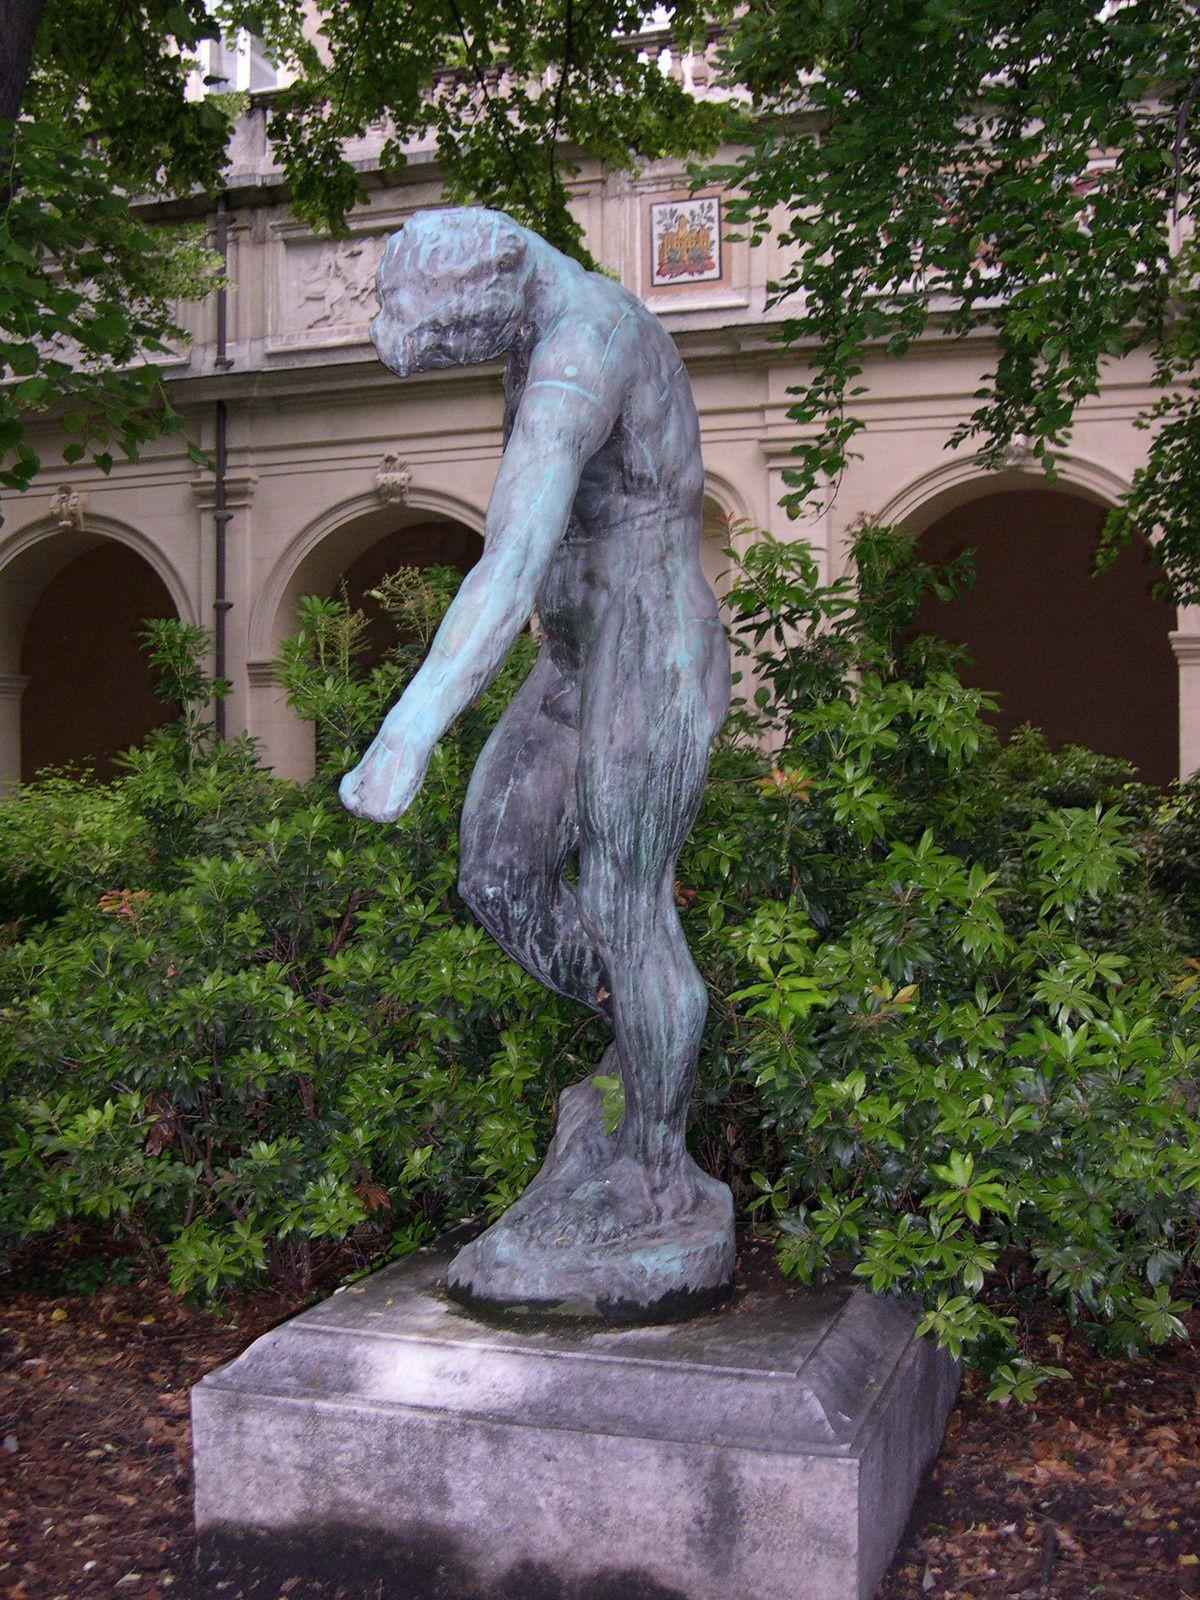 Connaissez-vous cette statue en bronze ? On l'appelle l'Homme Debout. D'après vous, quel en est le sculpteur ?